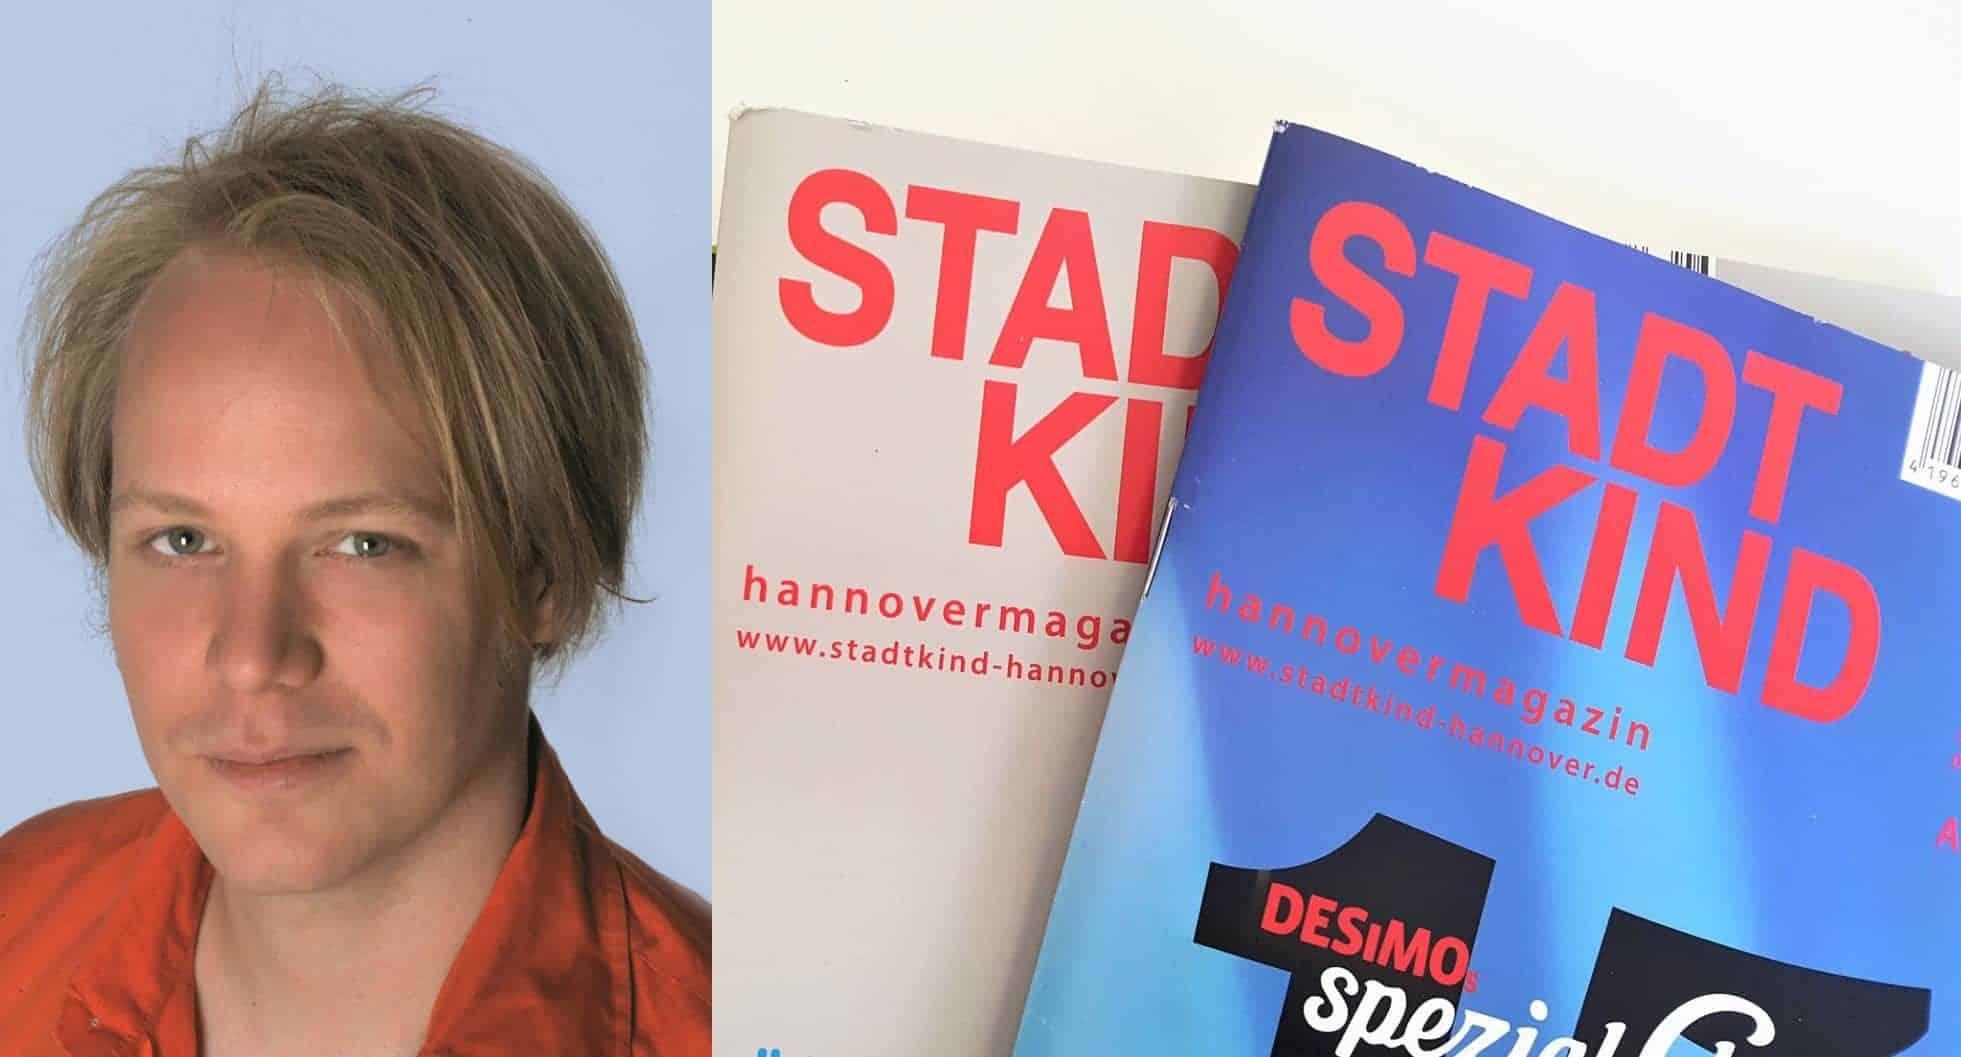 Style Hannover Lars Kompa 1 - Lars Kompa, der STADTKIND-Macher